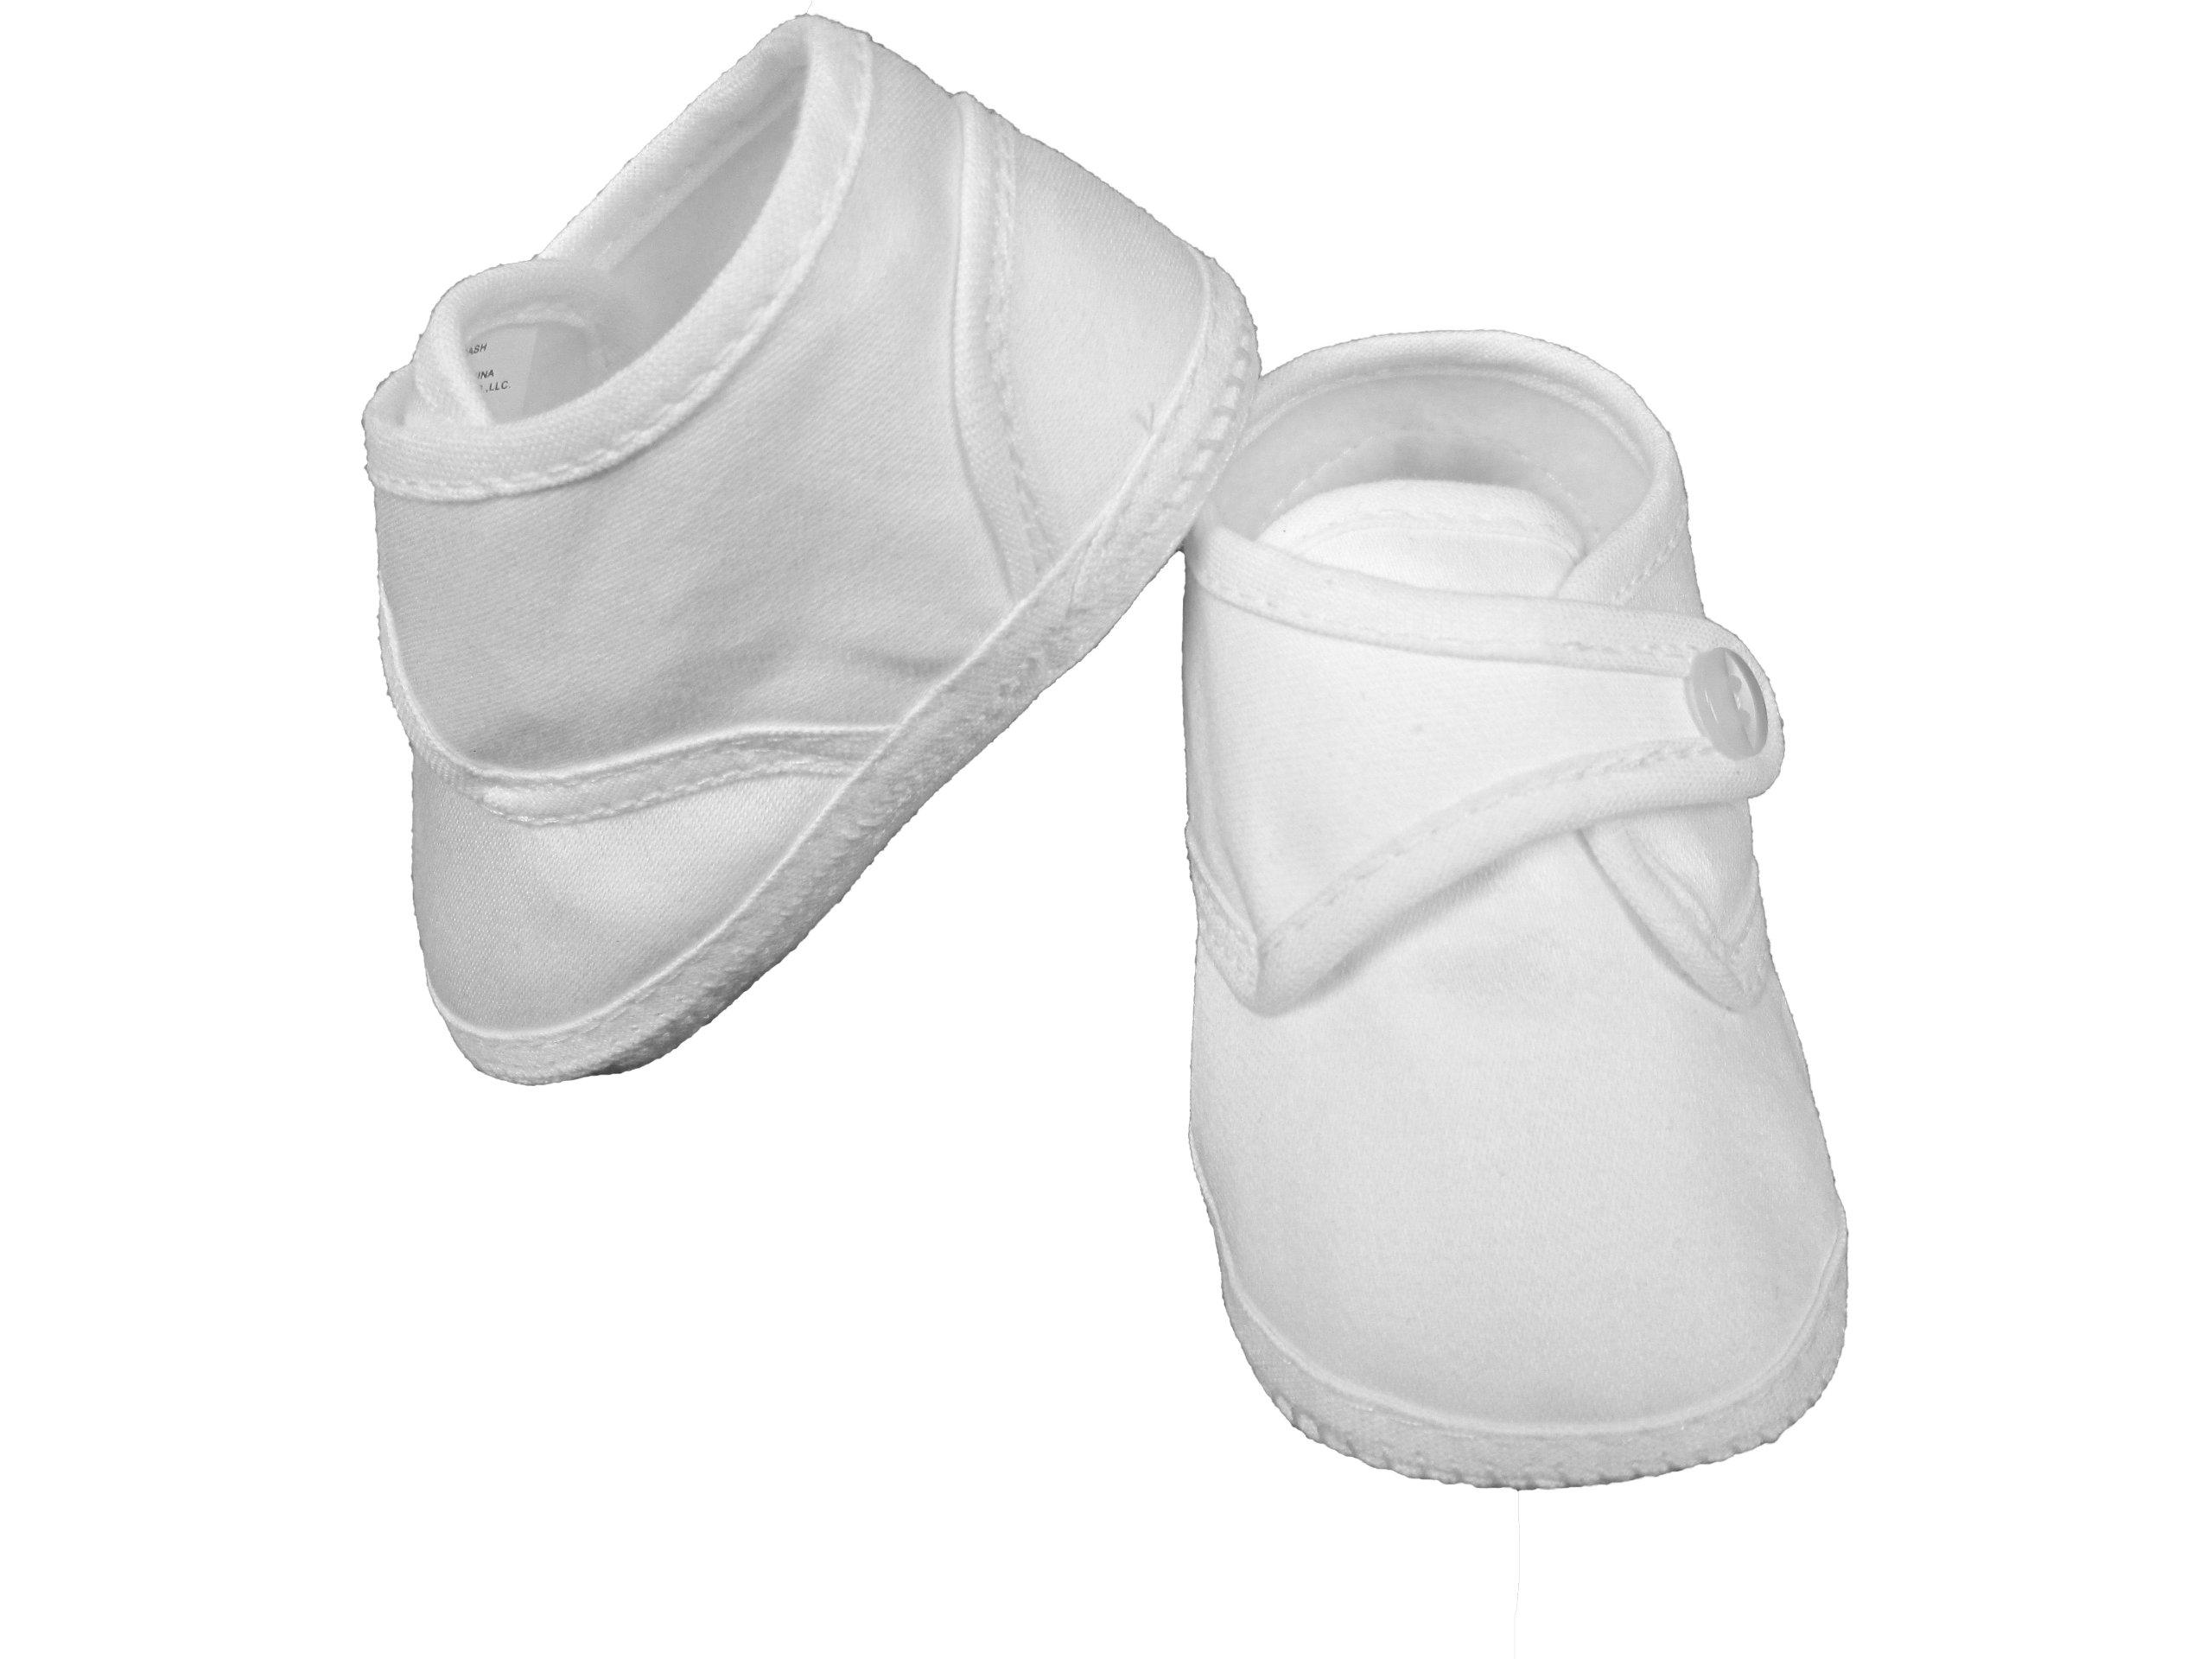 Boys Cotton Shoe with Button Closure - Size 1